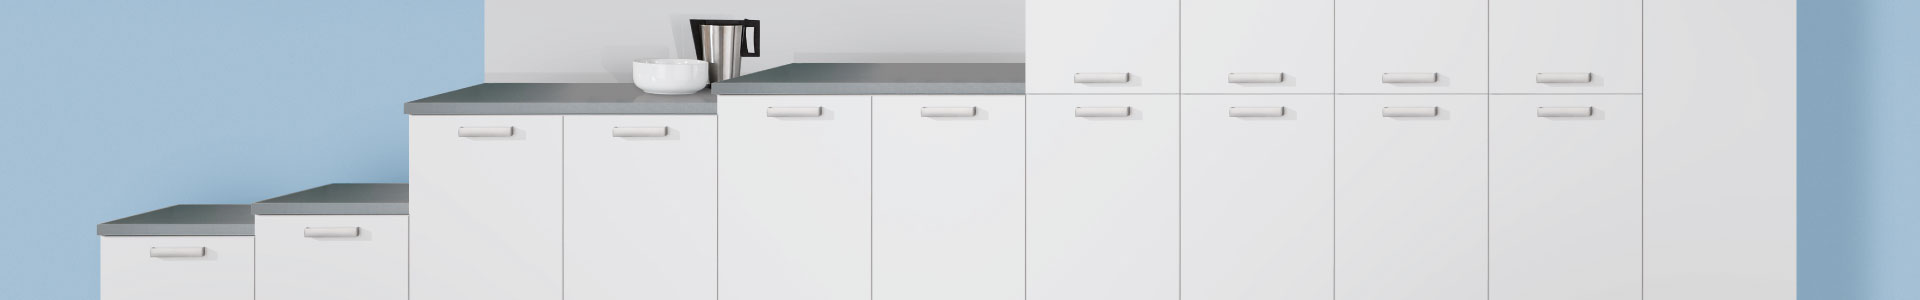 ergonomie in der kueche